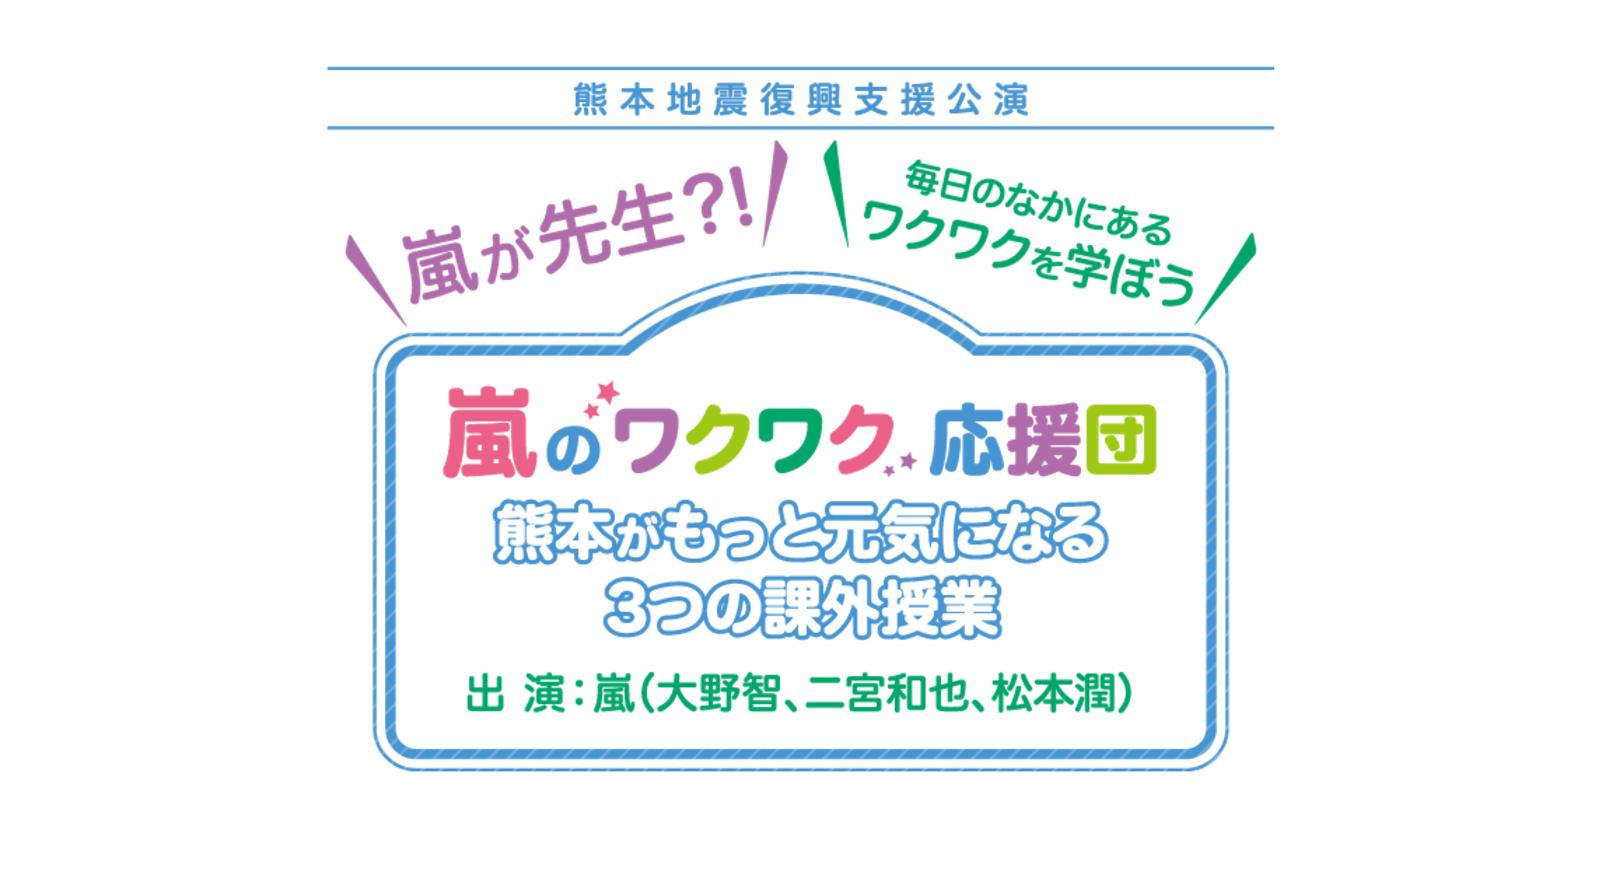 【6月25日(日}】嵐が先生!?嵐のワクワク応援団が熊本にやってくる!